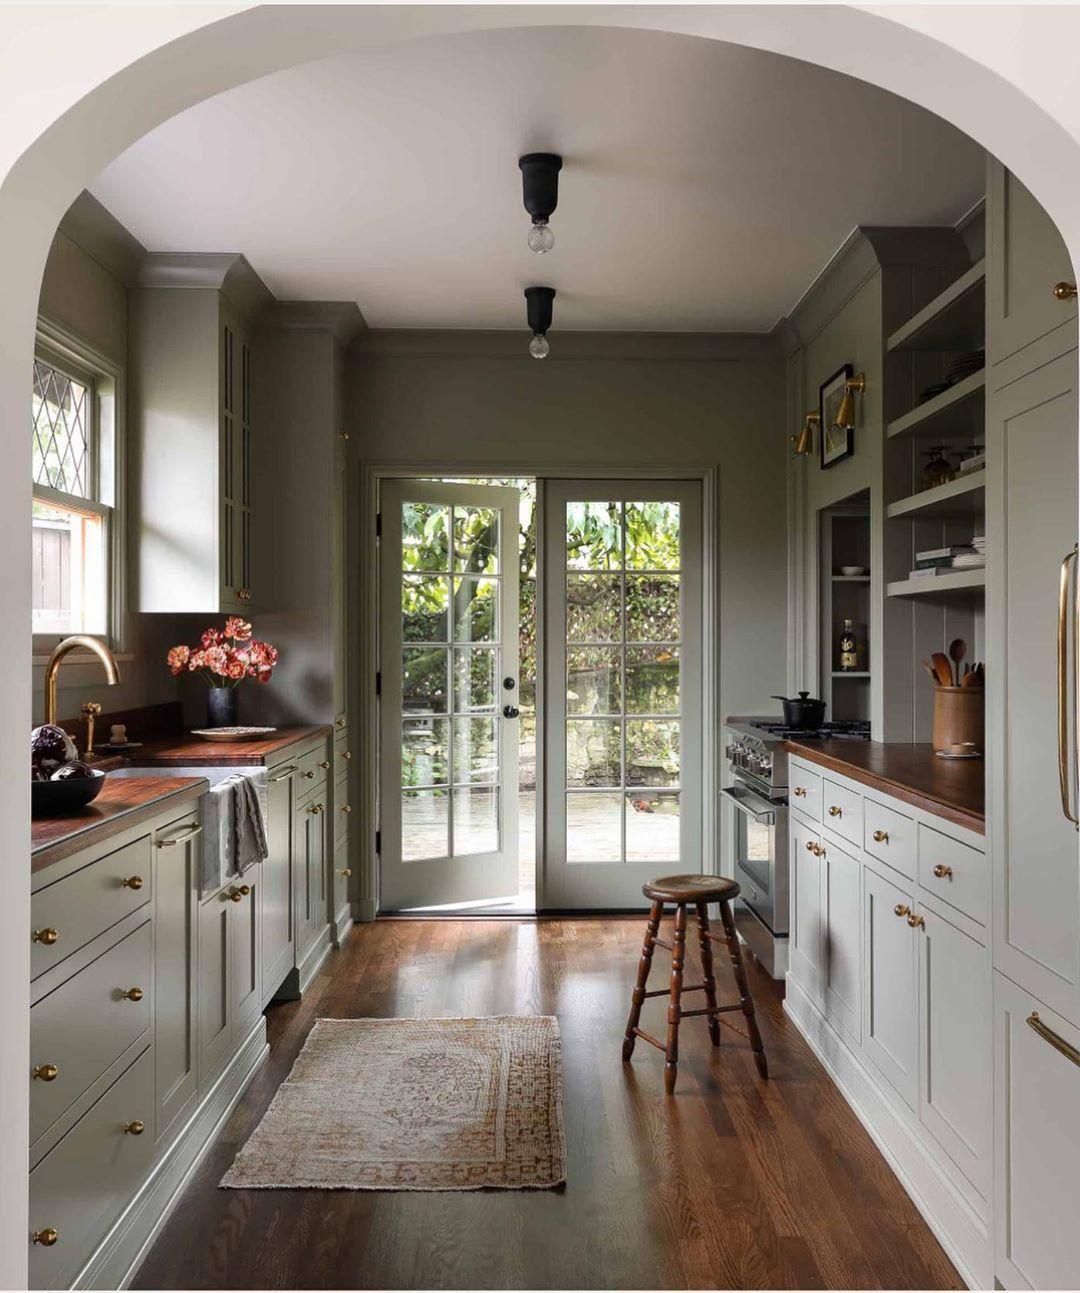 68c34278bc8244e4da0383dad3b9fad6 - Heidi Caillier Better Homes And Gardens